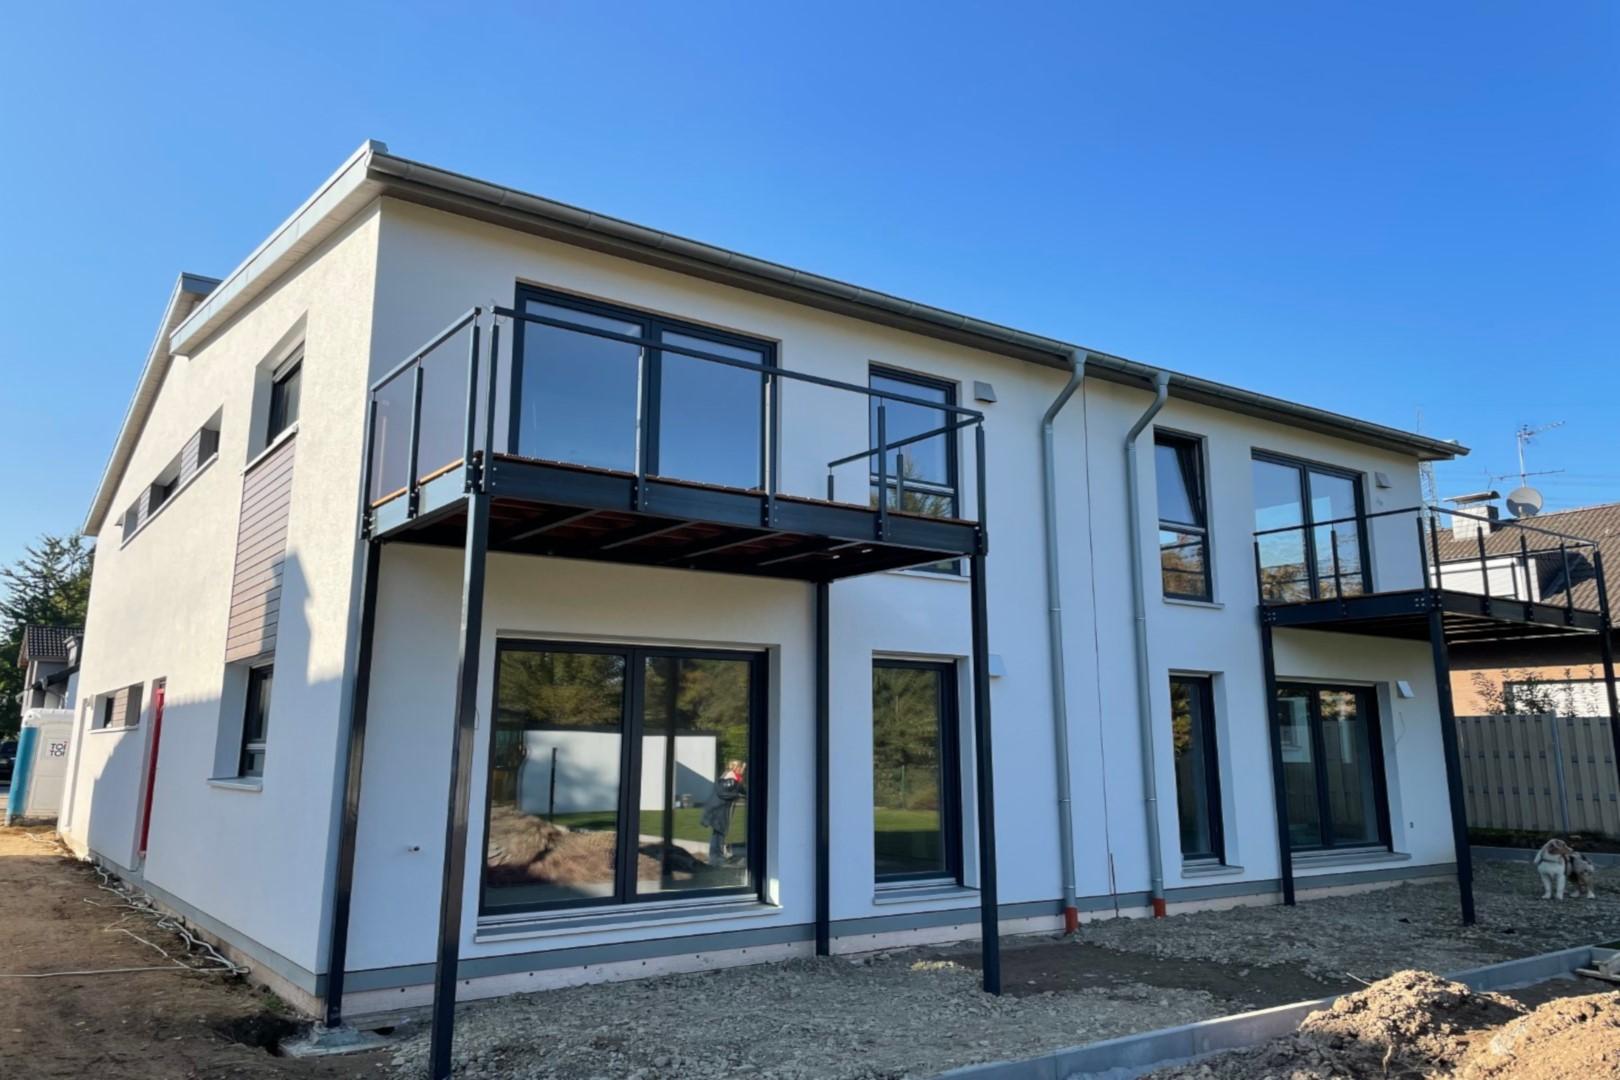 Immobilie Nr.0362b - Etagenwohung mit externem Zugang als 3-Zimmer-Whg. - Bild 10.jpg